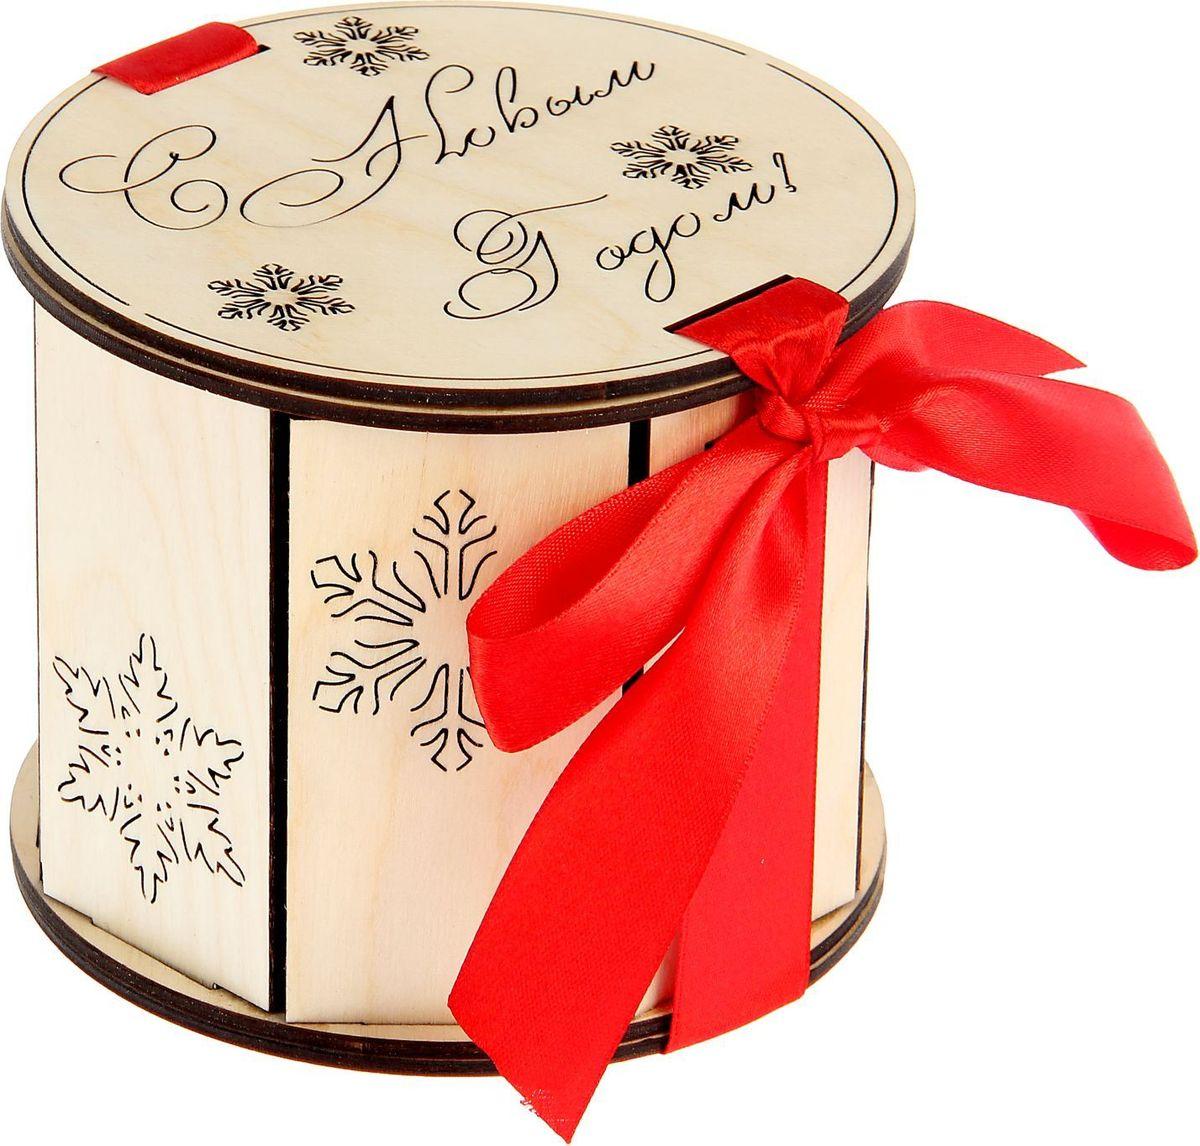 Шкатулка Sima-land Снежинки, цвет: слоновая кость, 12,5 х 12,5 х 11 см1530137Шкатулка — это небольшой сувенир, а также оригинальная упаковка подарка. Она дополнит интерьер спальни, гостиной или прихожей. Изделие предназначено для хранения украшений: колец, браслетов, часов, цепочек, колье, сережек и прочих предметов.